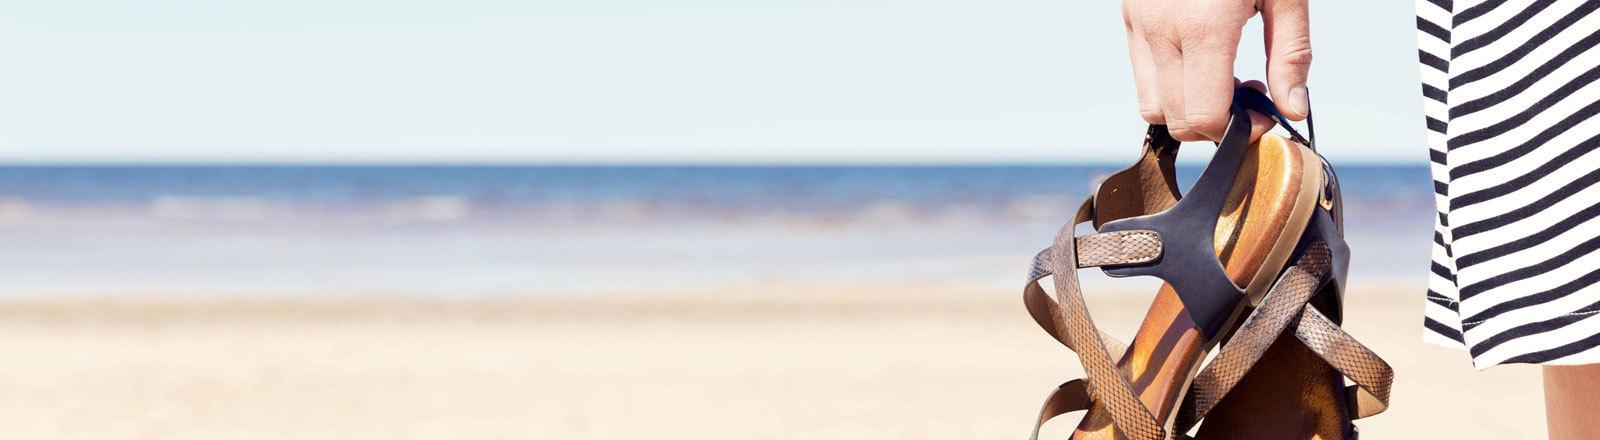 Am Strand: Eine Frau hält Sandalen in der Hand